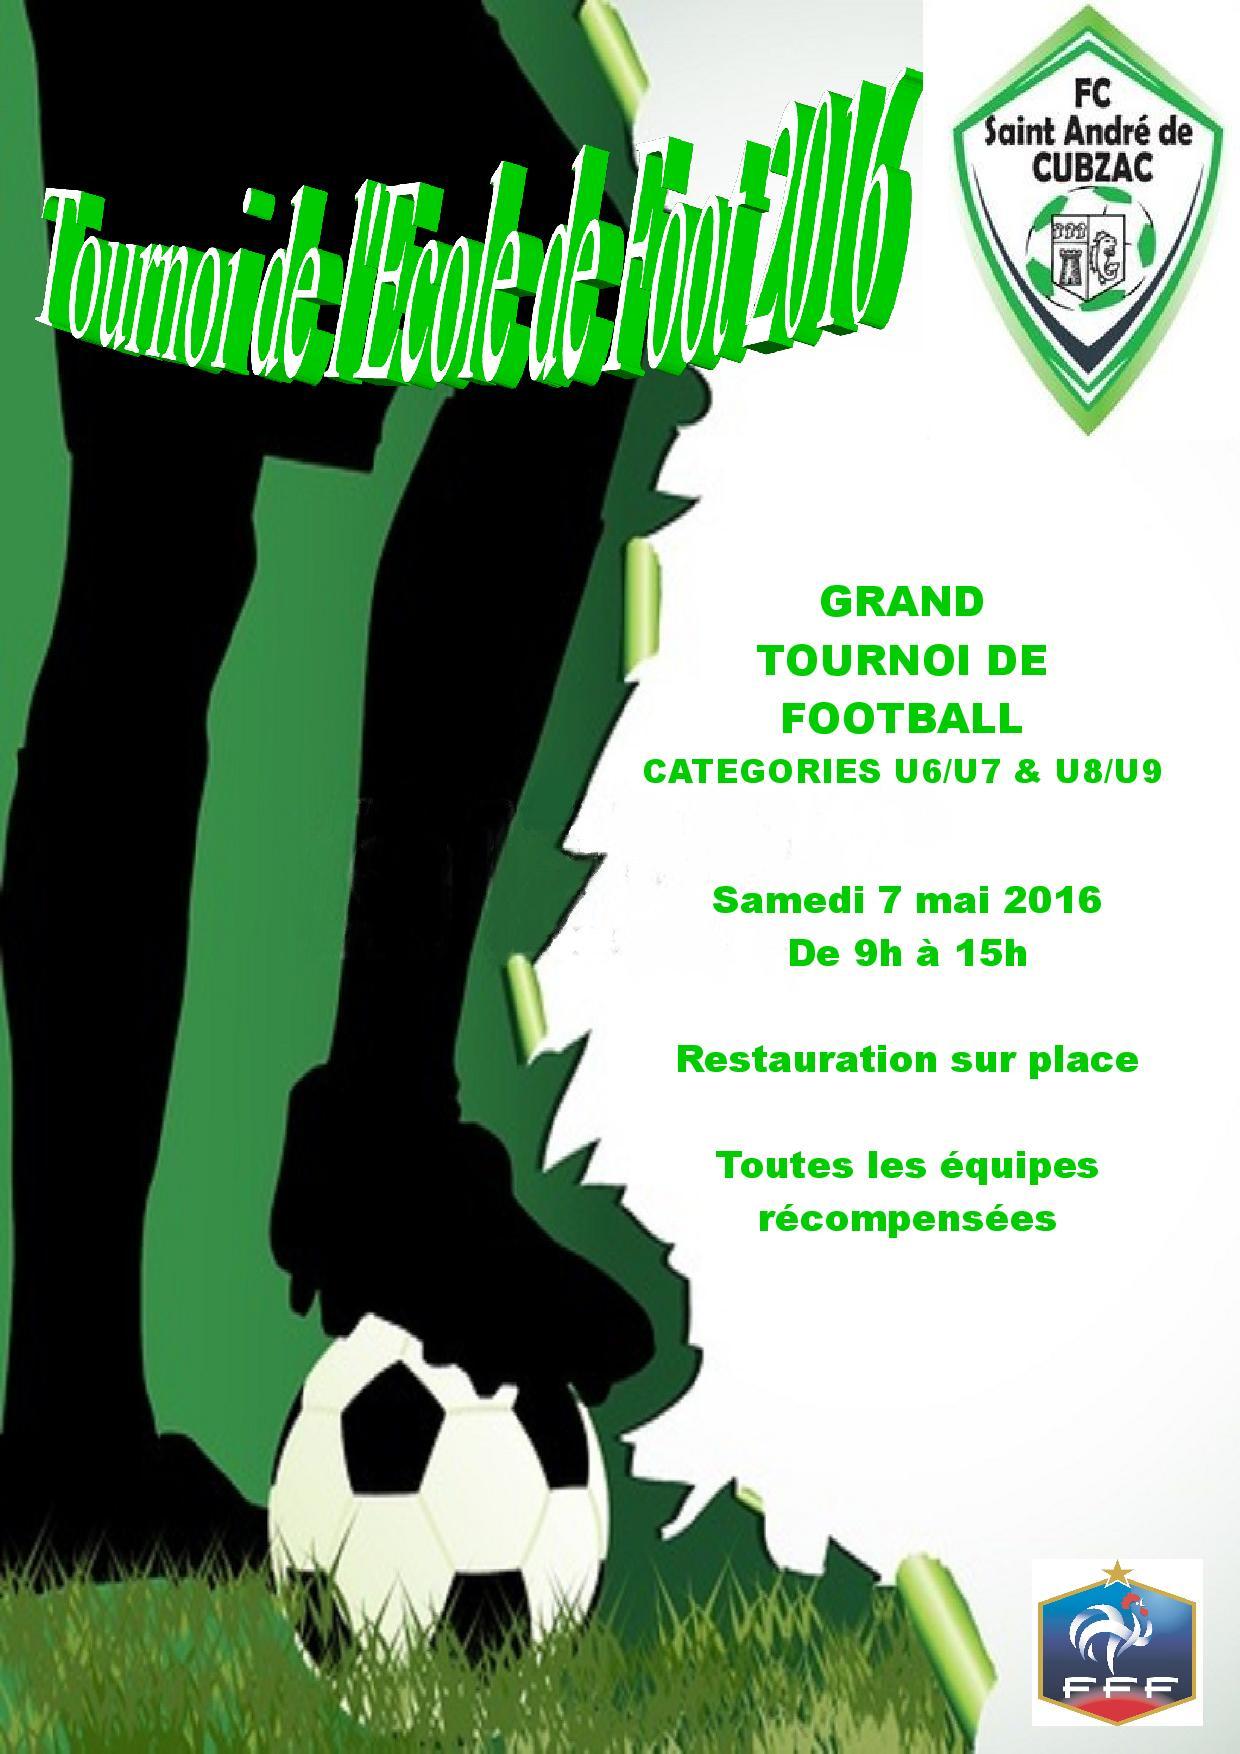 AFFICHE TOURNOI ECOLE DE FOOT 2016